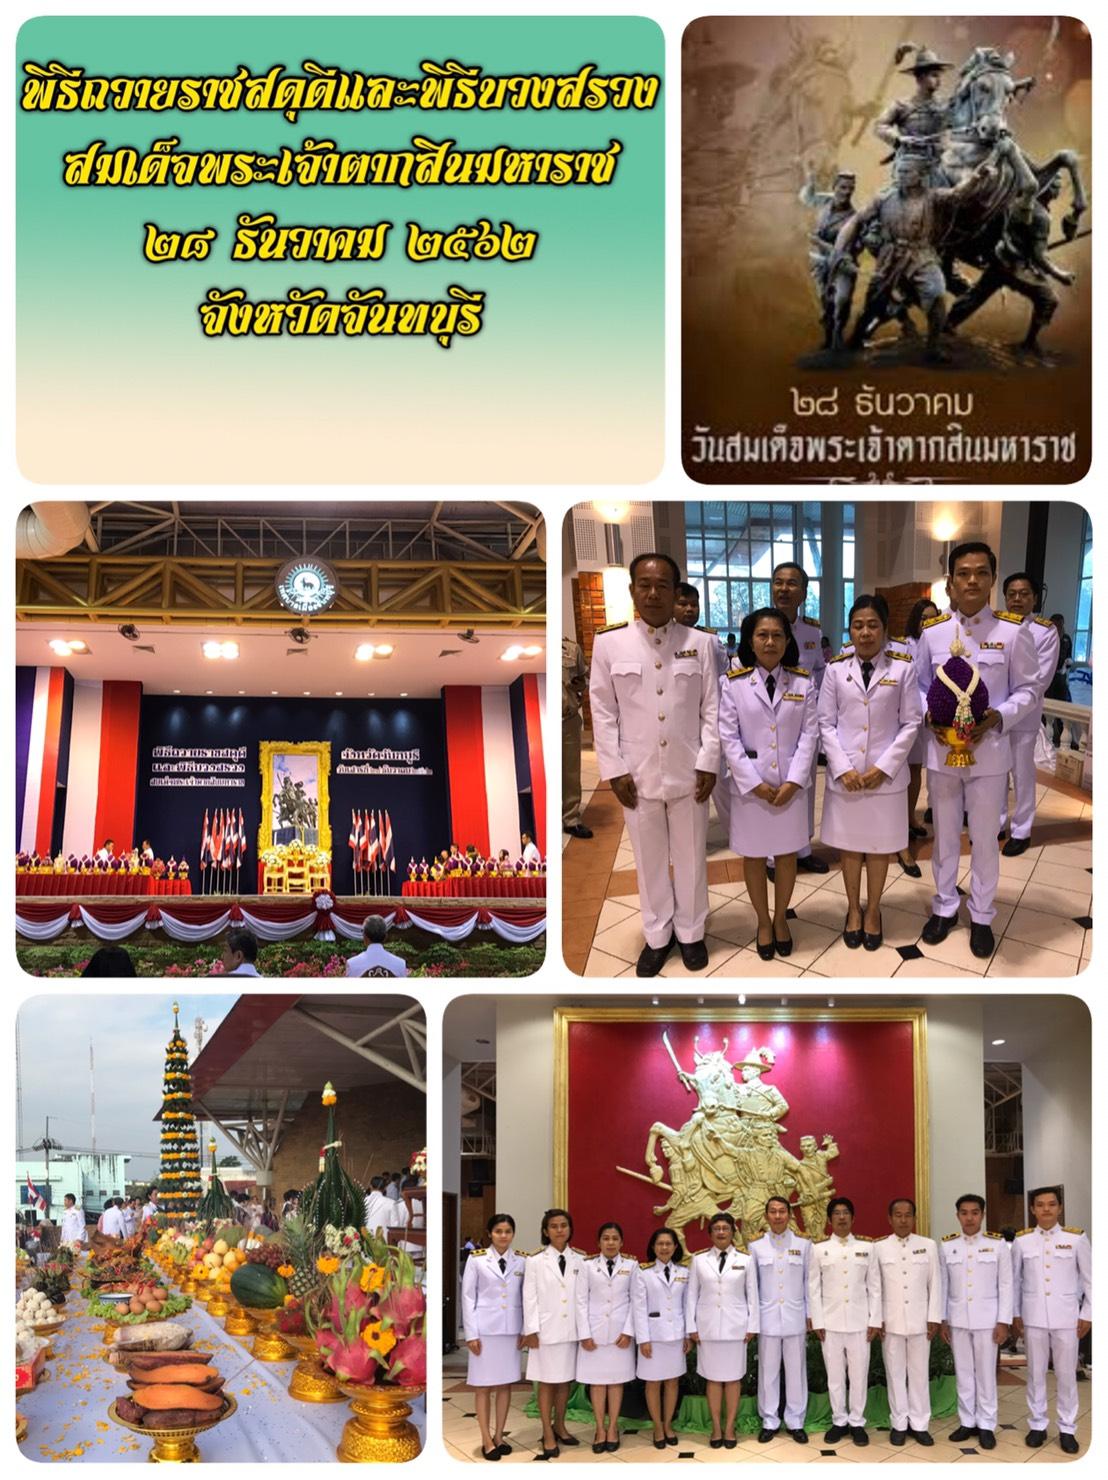 แรงงานจังหวัดจันทบุรีร่วมพิธีถวายราชสดุดีและพิธีบวงงสรวงสมเด็จพระเจ้าตากสินมหาราช